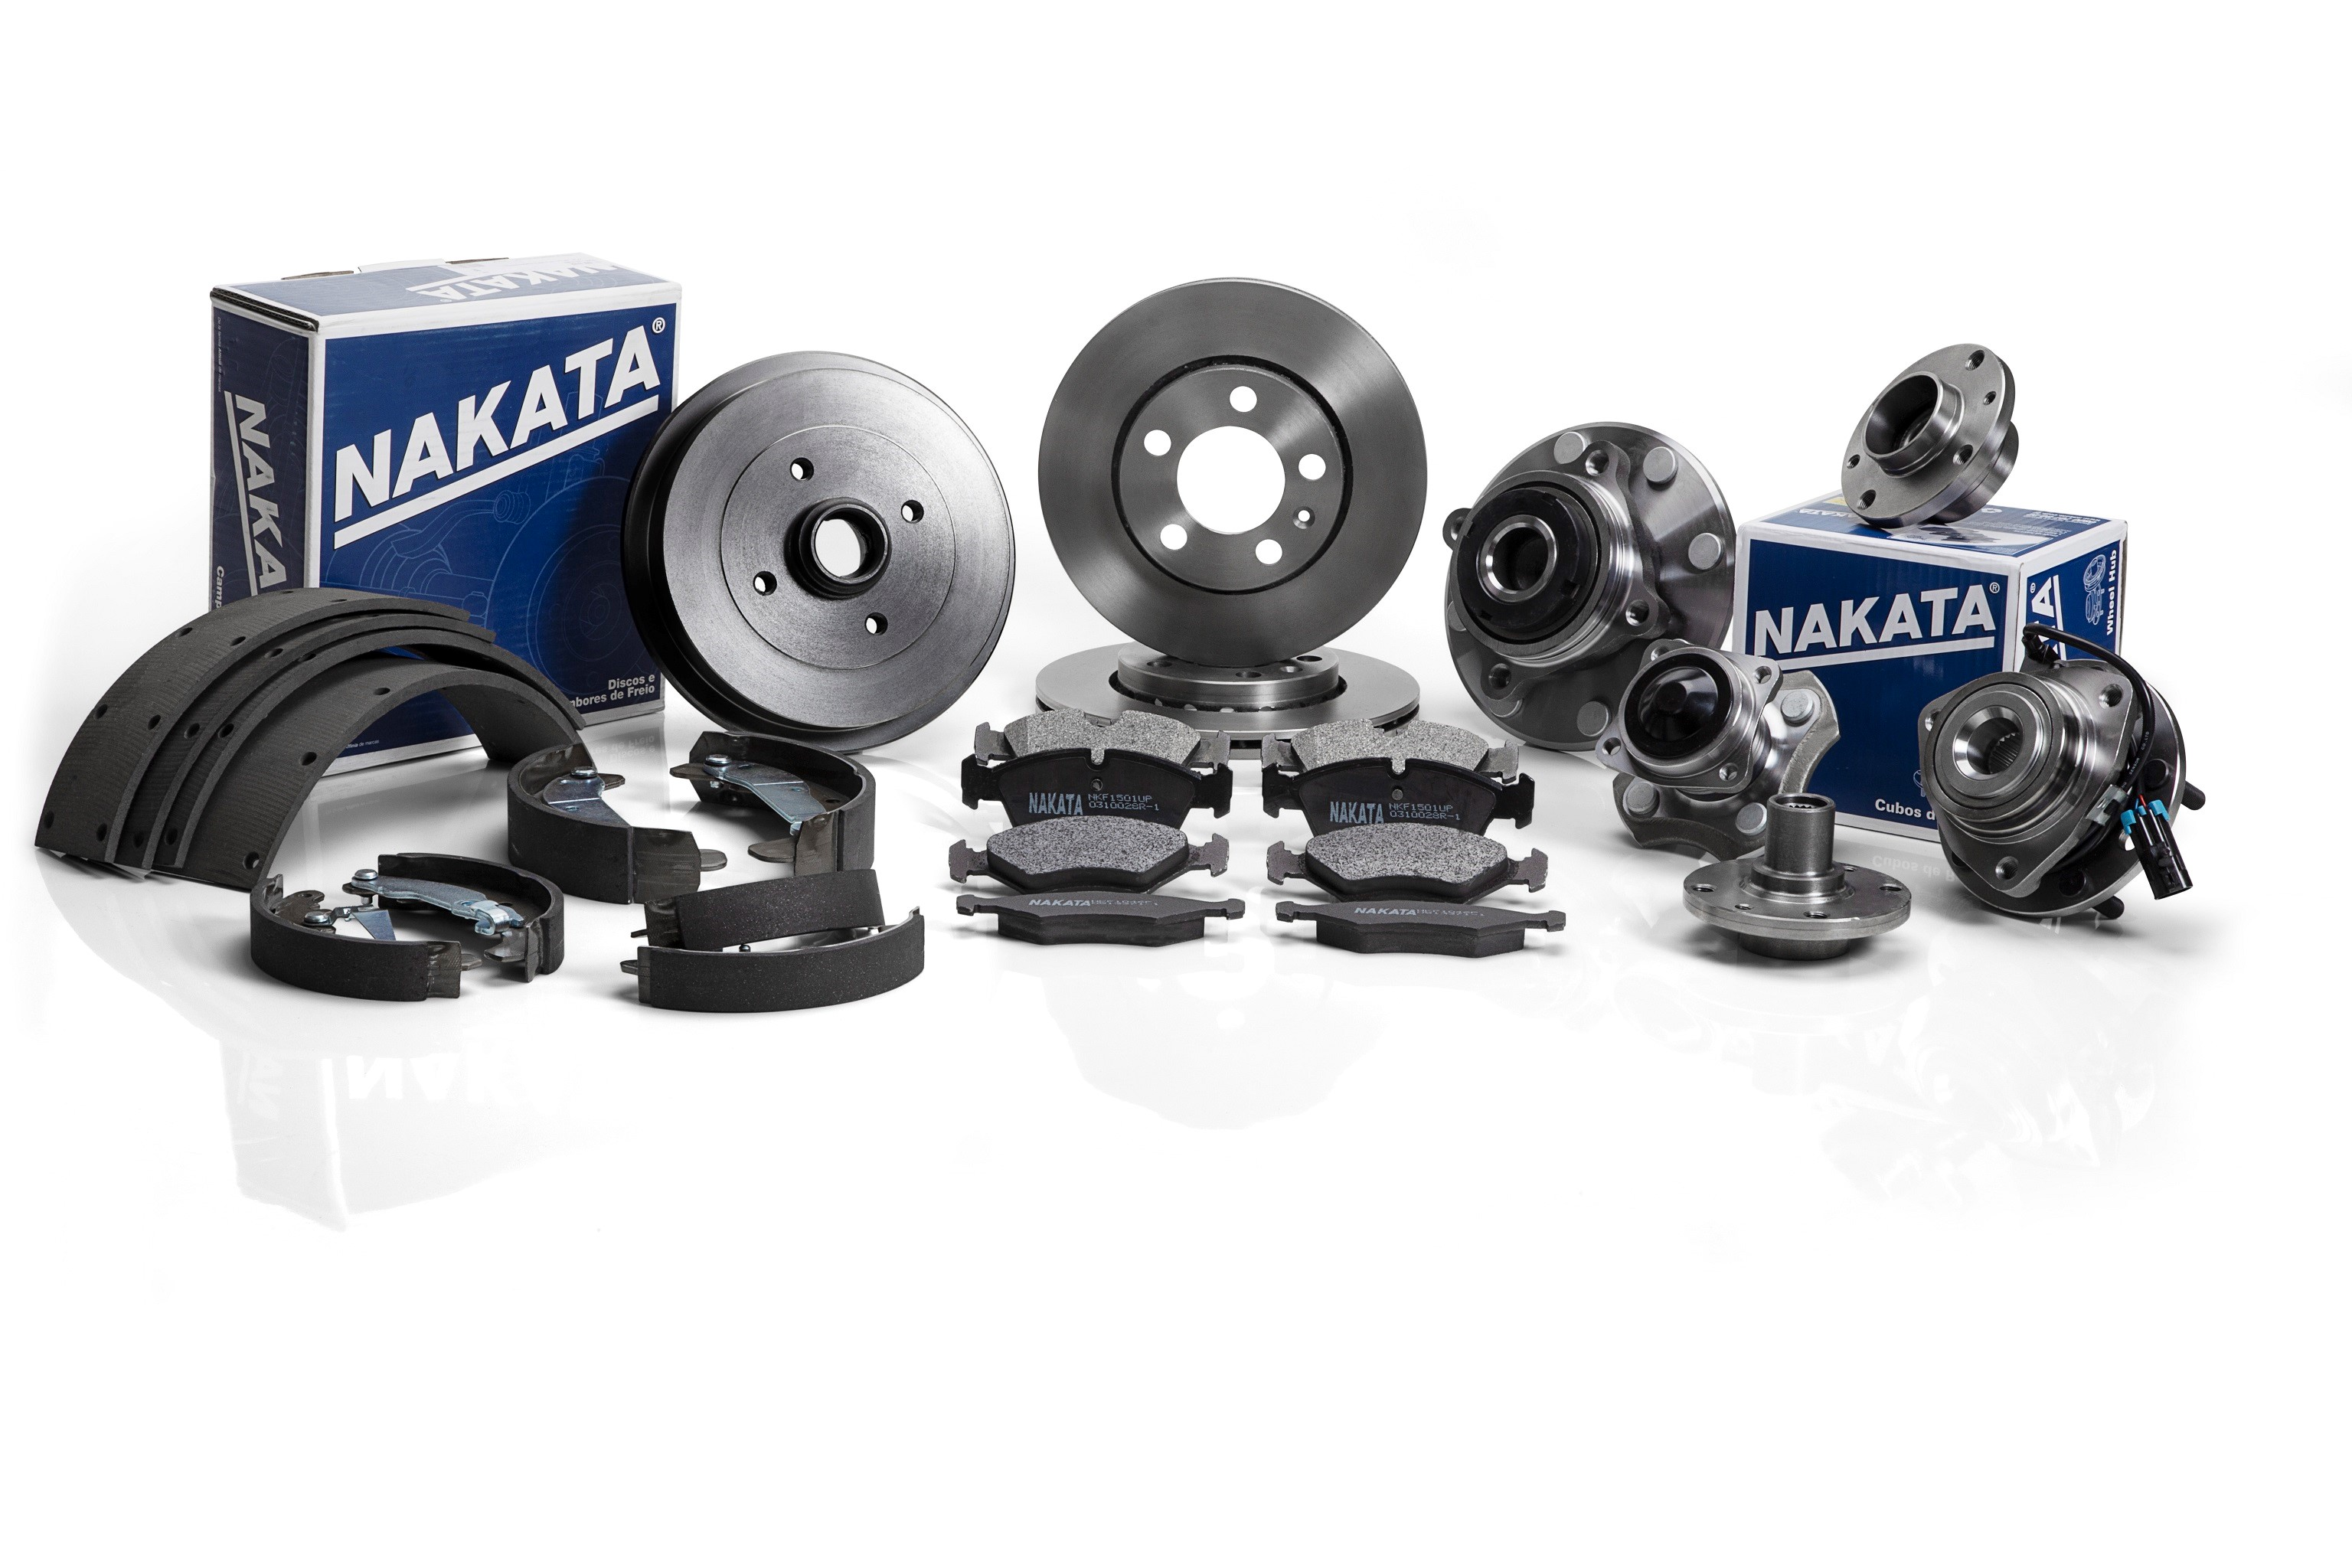 Nakata lança novos itens na linha de freios para veículos da Ford, Hyundai, Jac Motors, Toyota e Volkswagen e Kia Motors